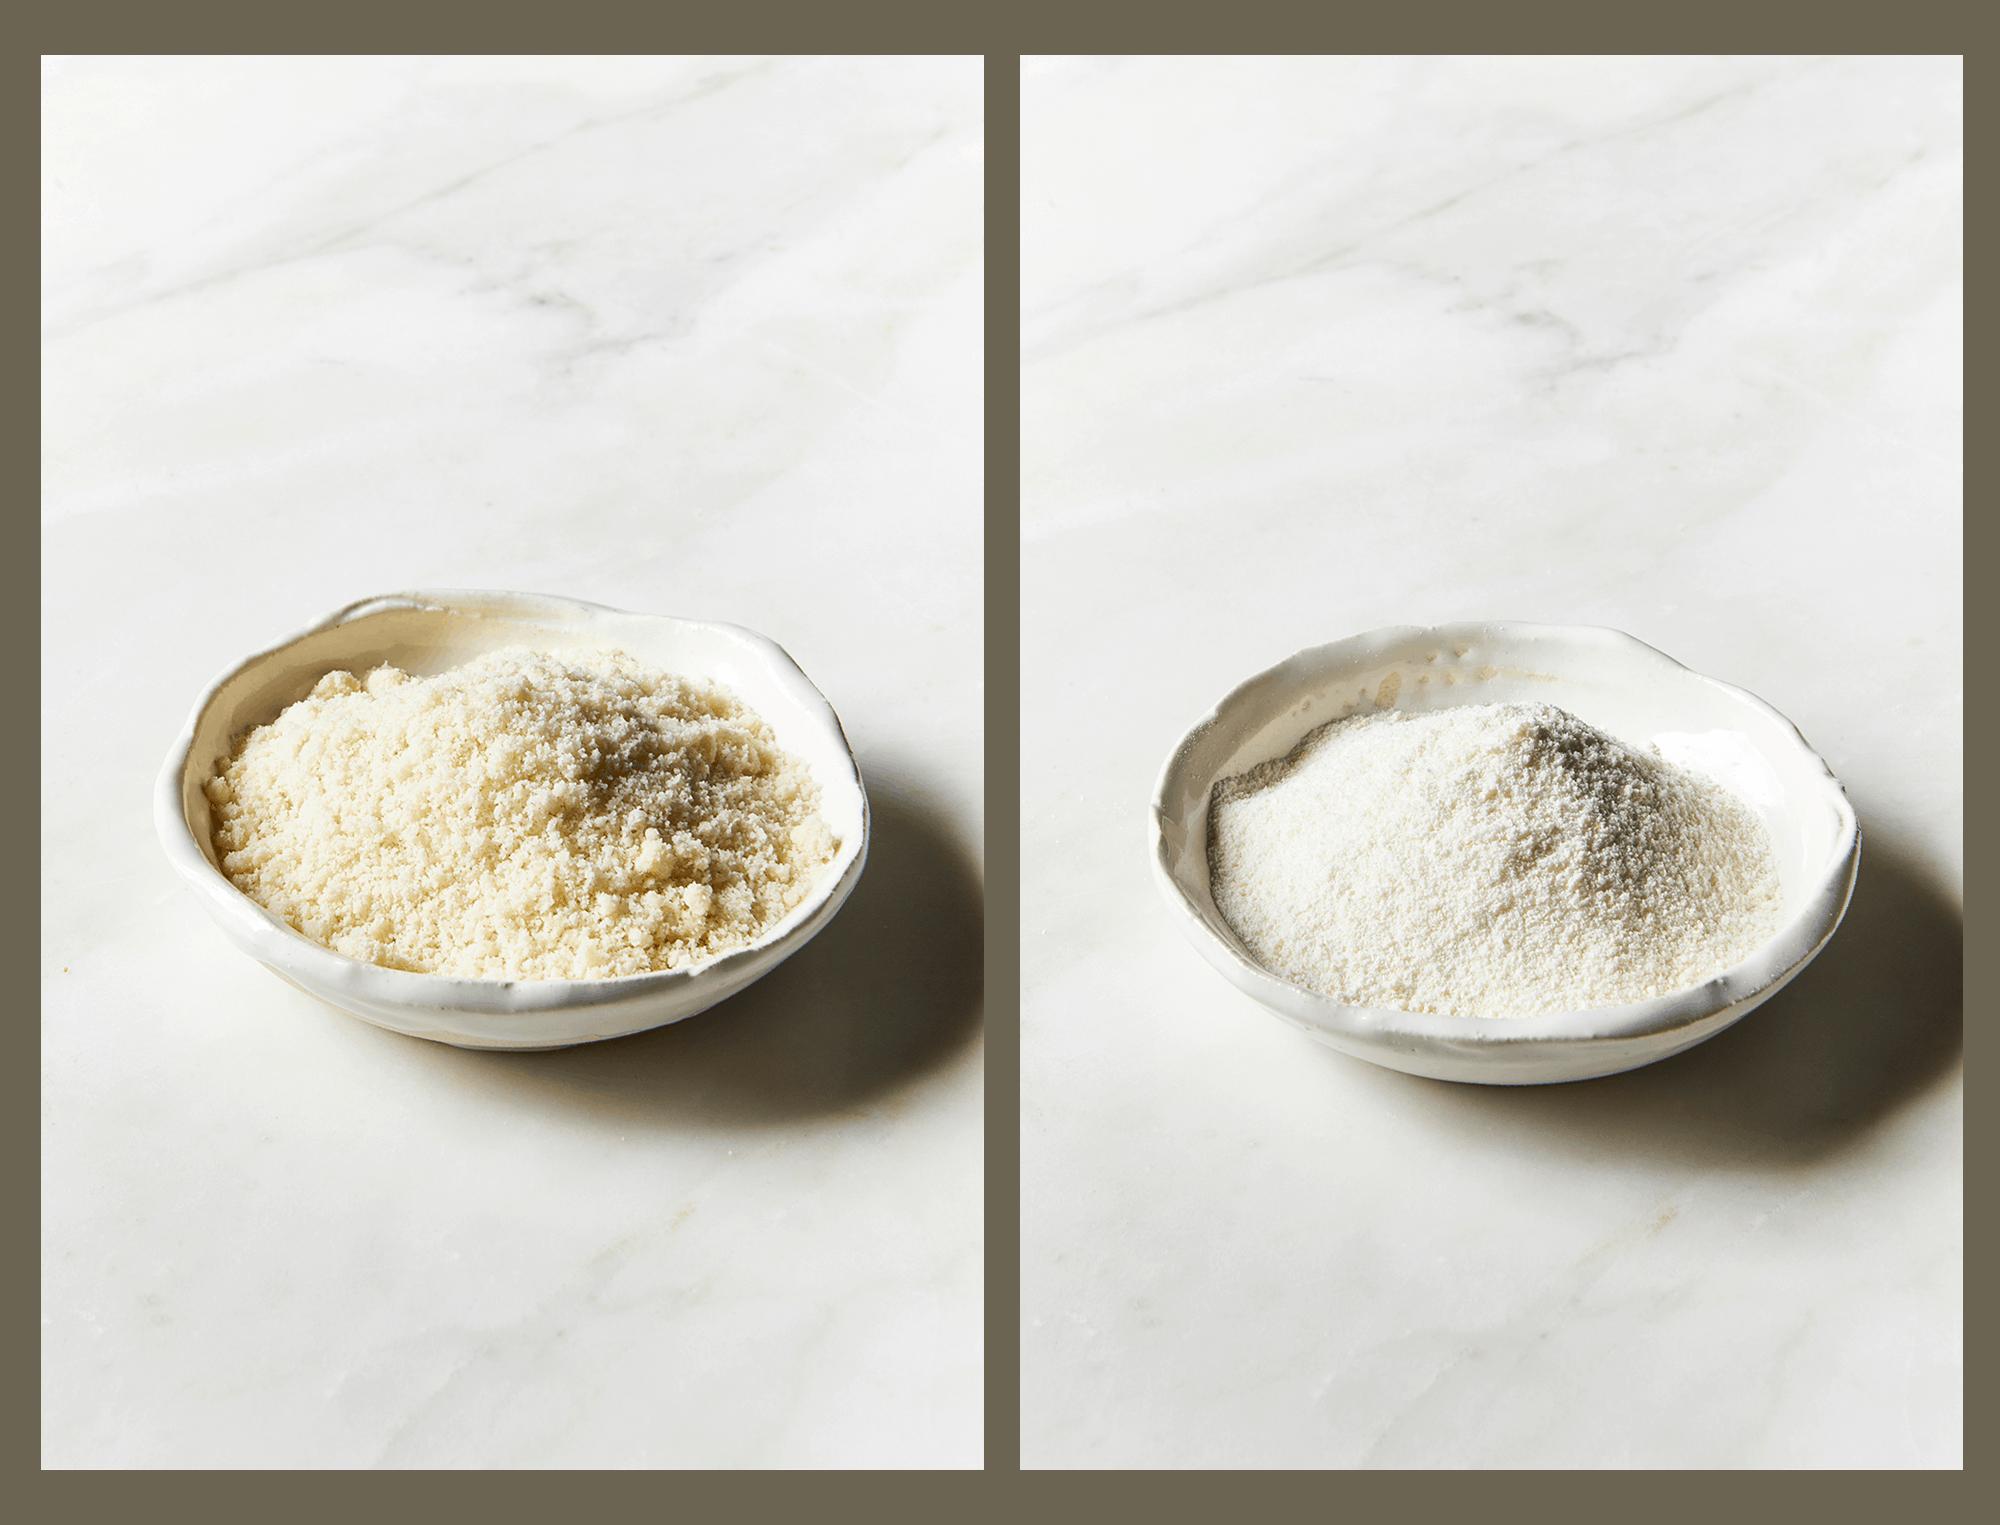 Gluten Free Flour - Tips For Using Them - The Blender Girl